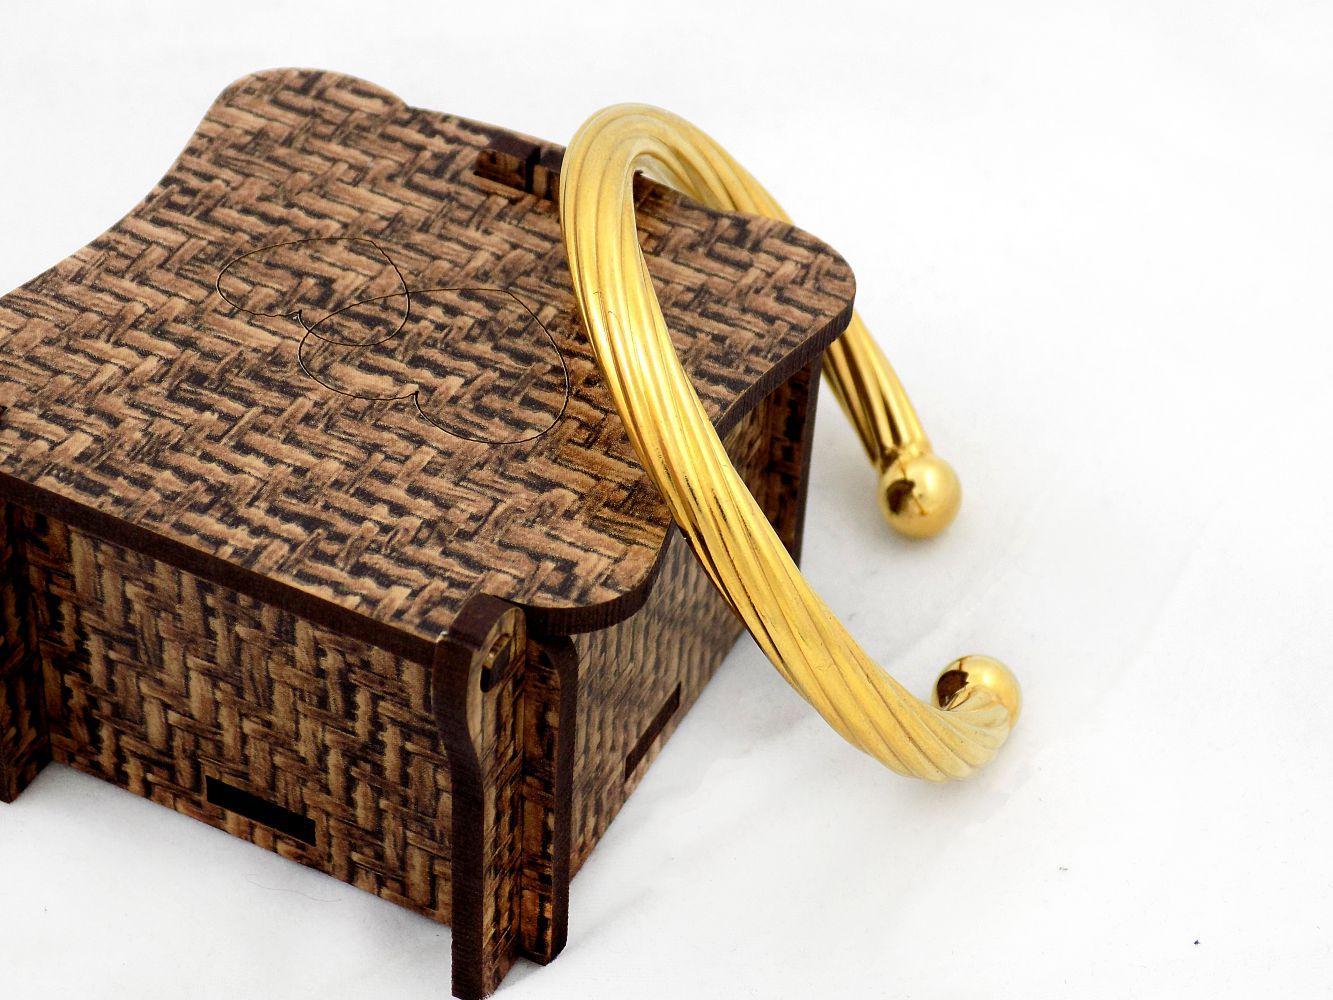 دستبند زنانه نیم باز استیل با قطر 57 میلی متری و روکش آب طلای 18 عیار ds-n175